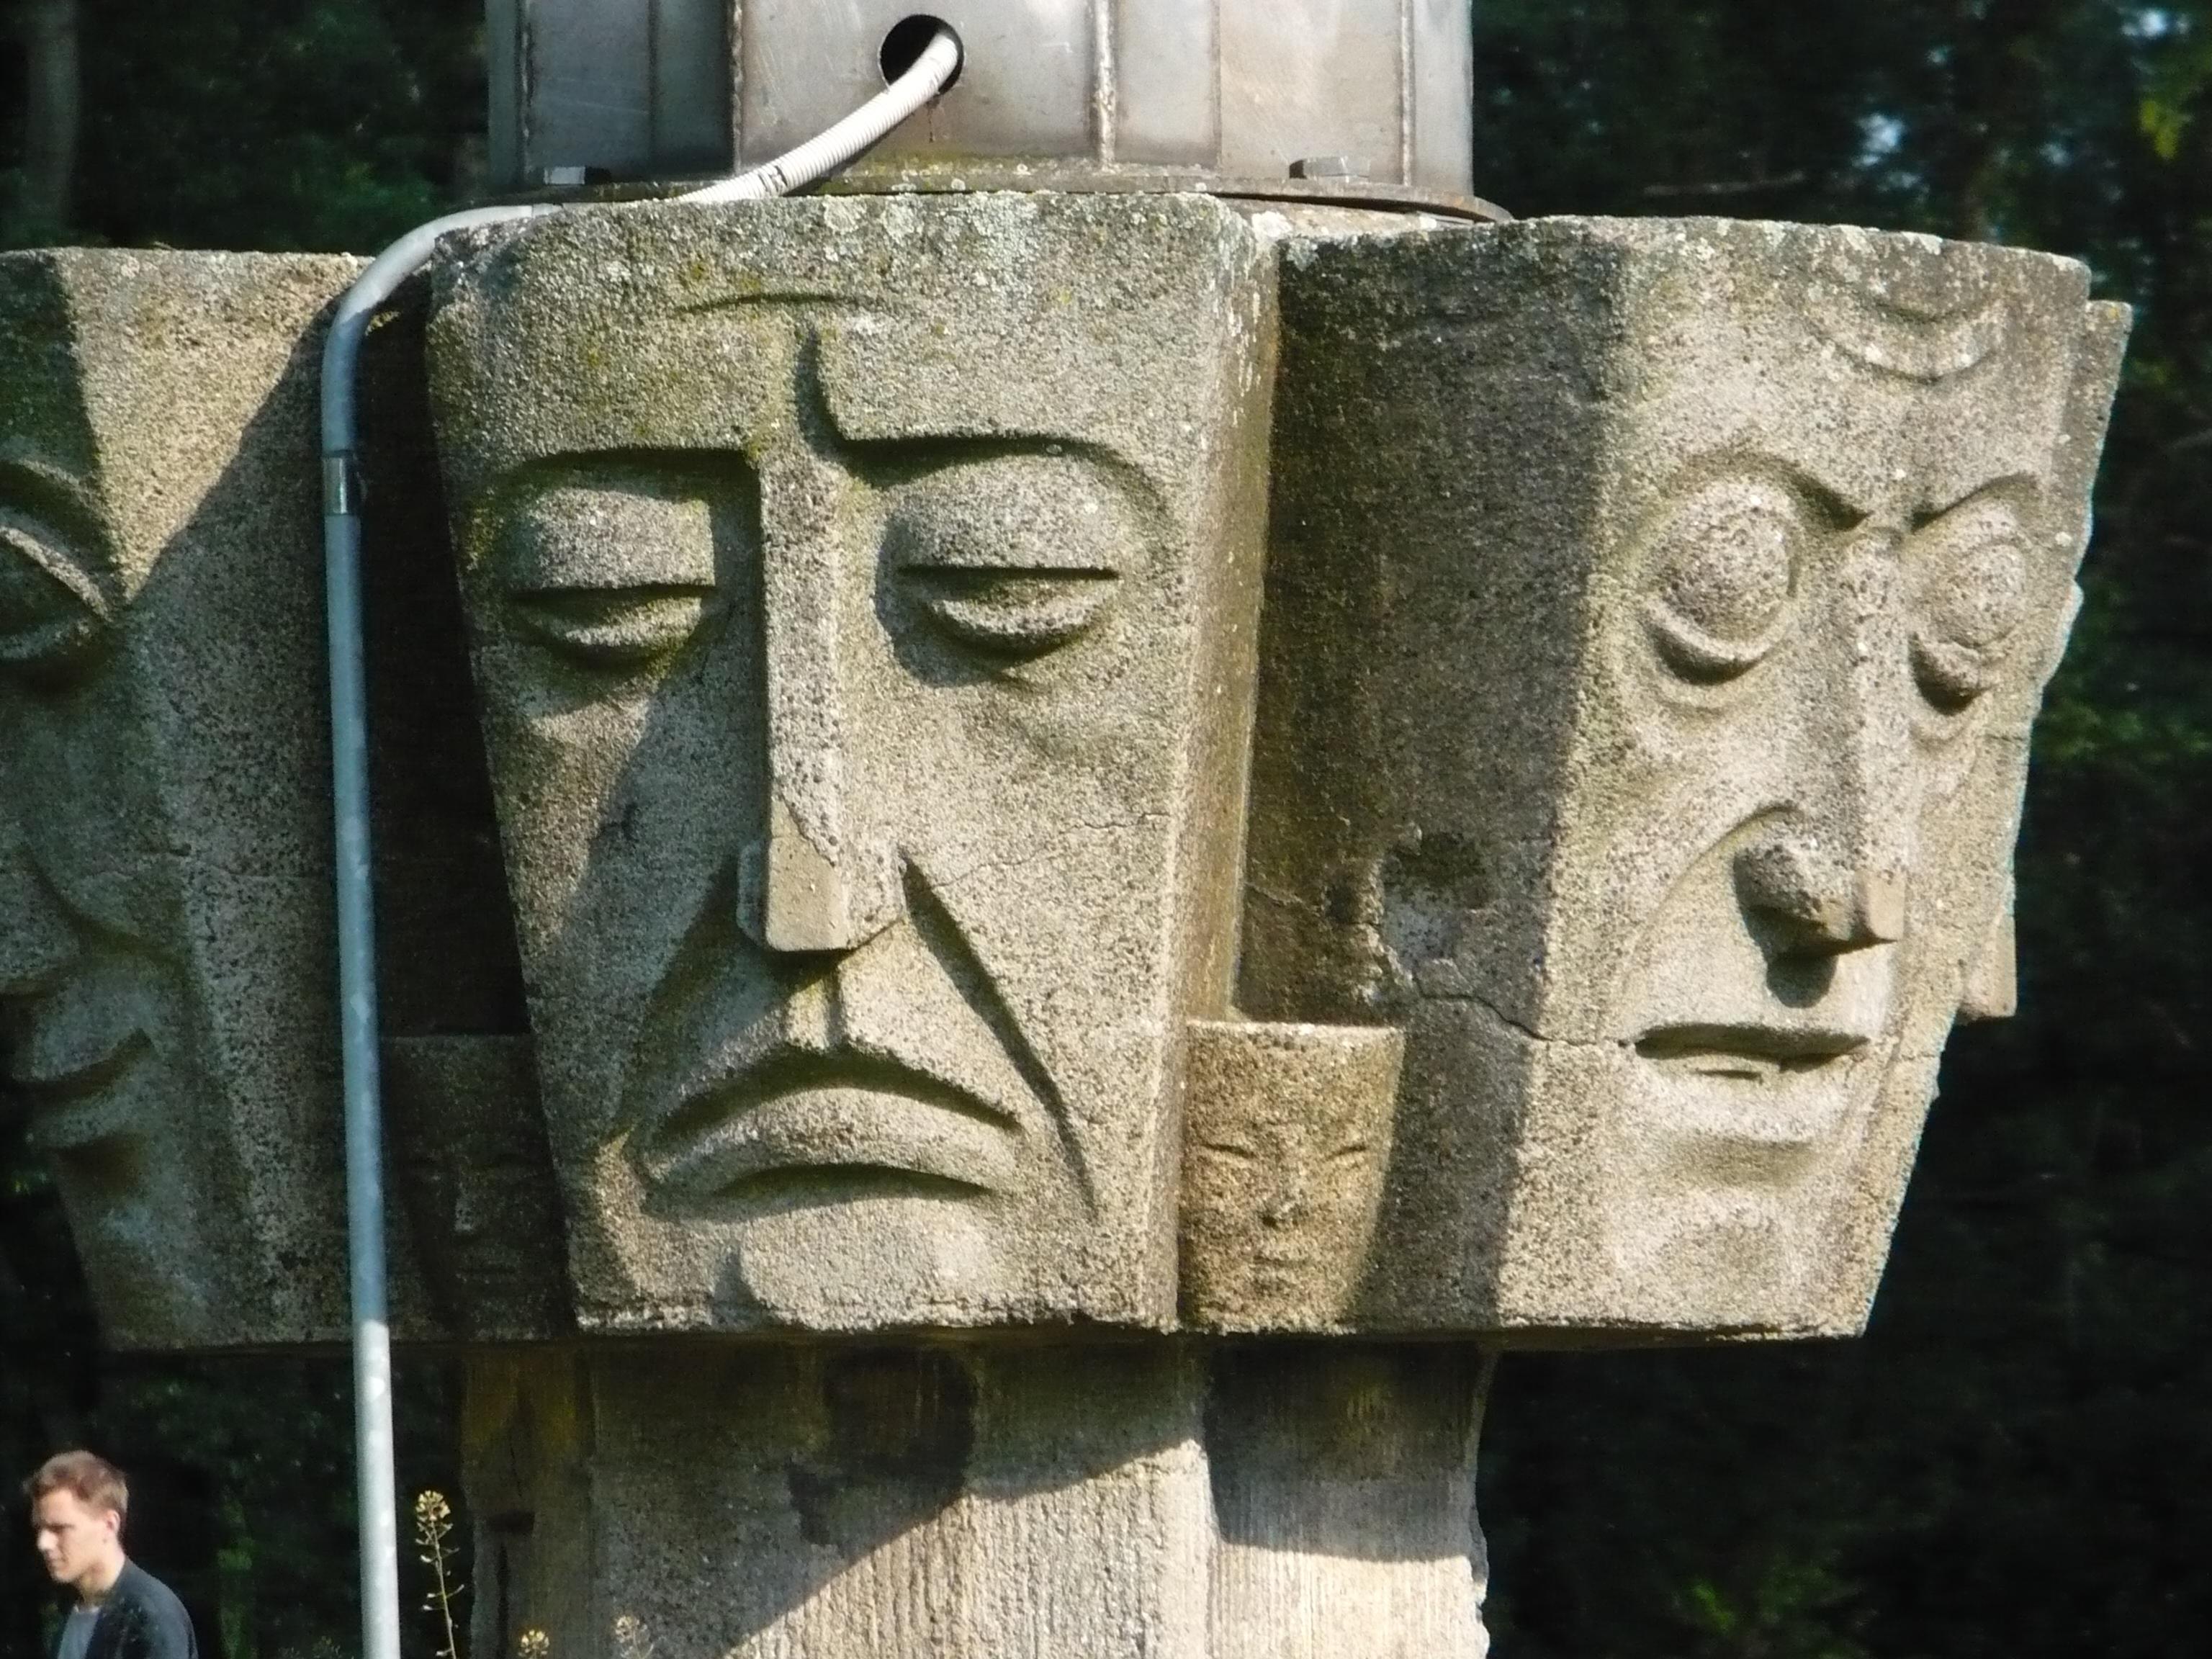 Stele sculpture 2